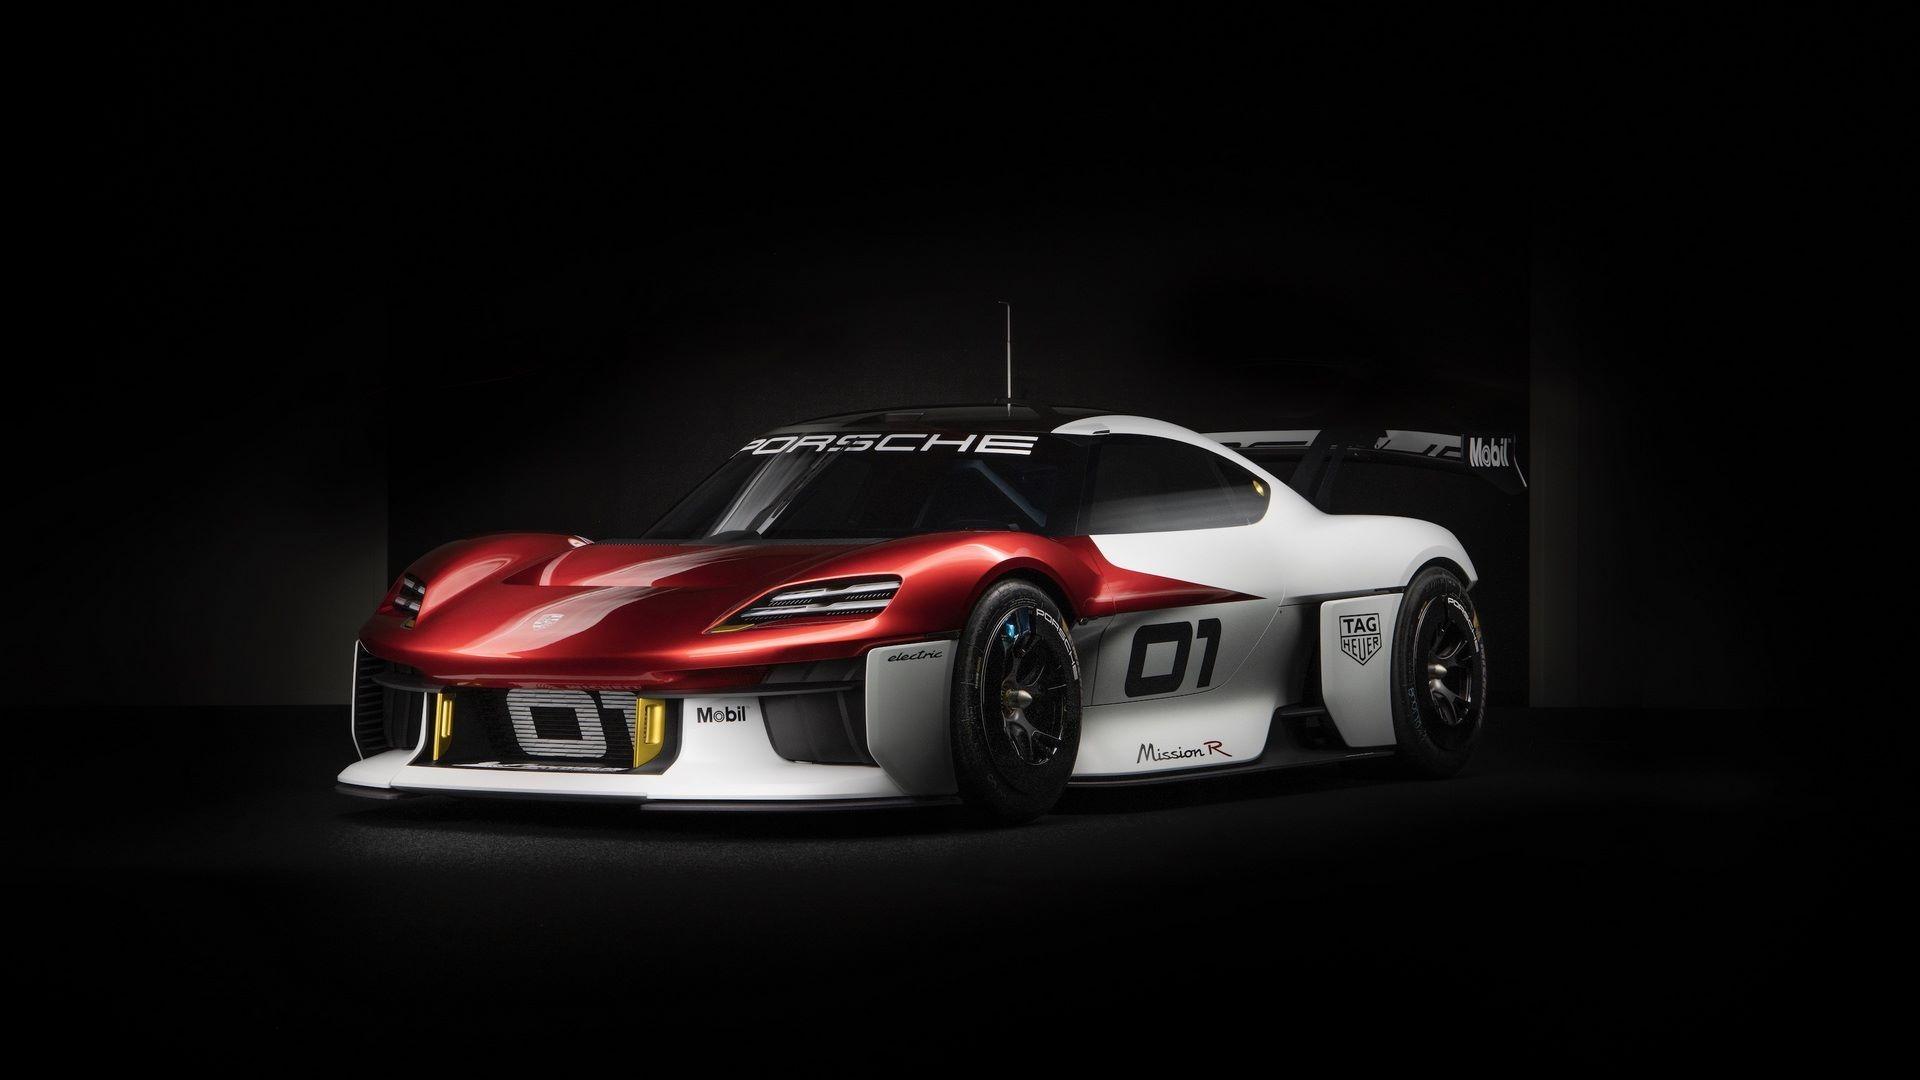 Porsche-Mission-R-concept-development-23